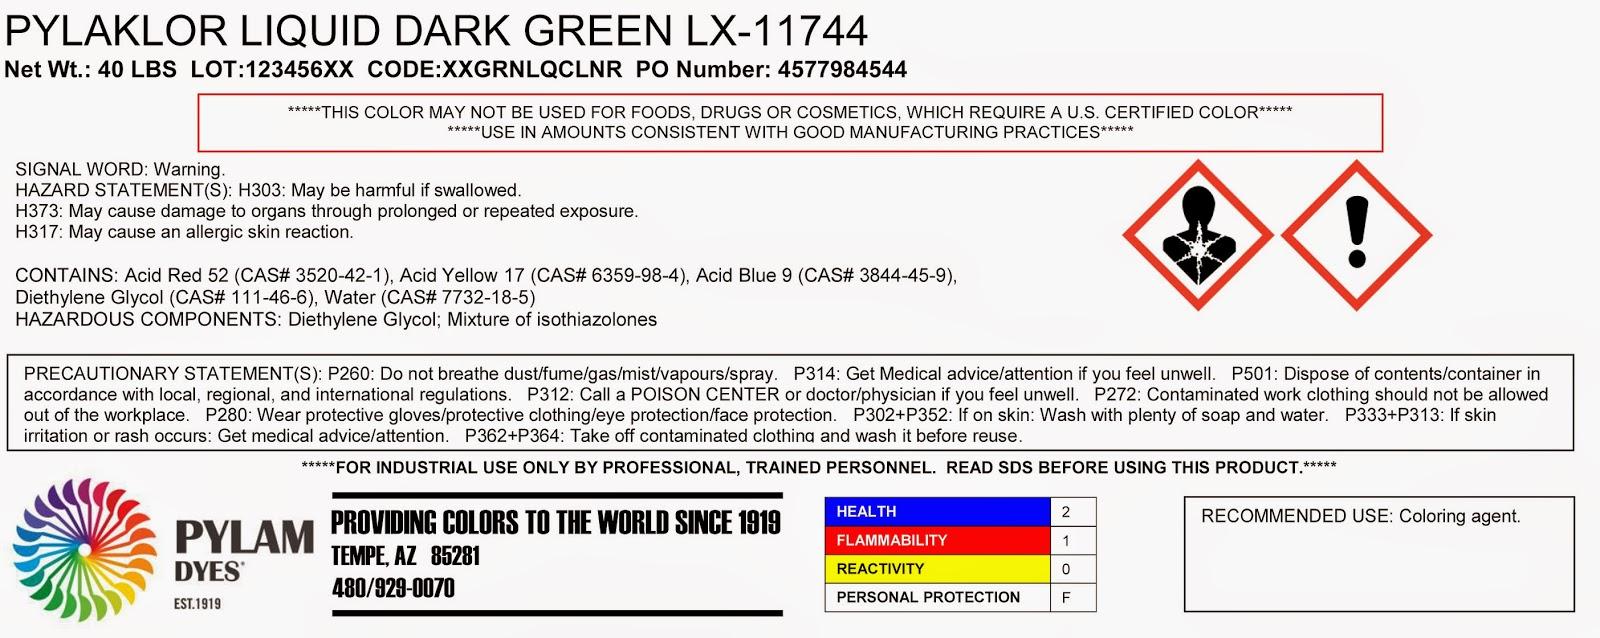 GHS Label